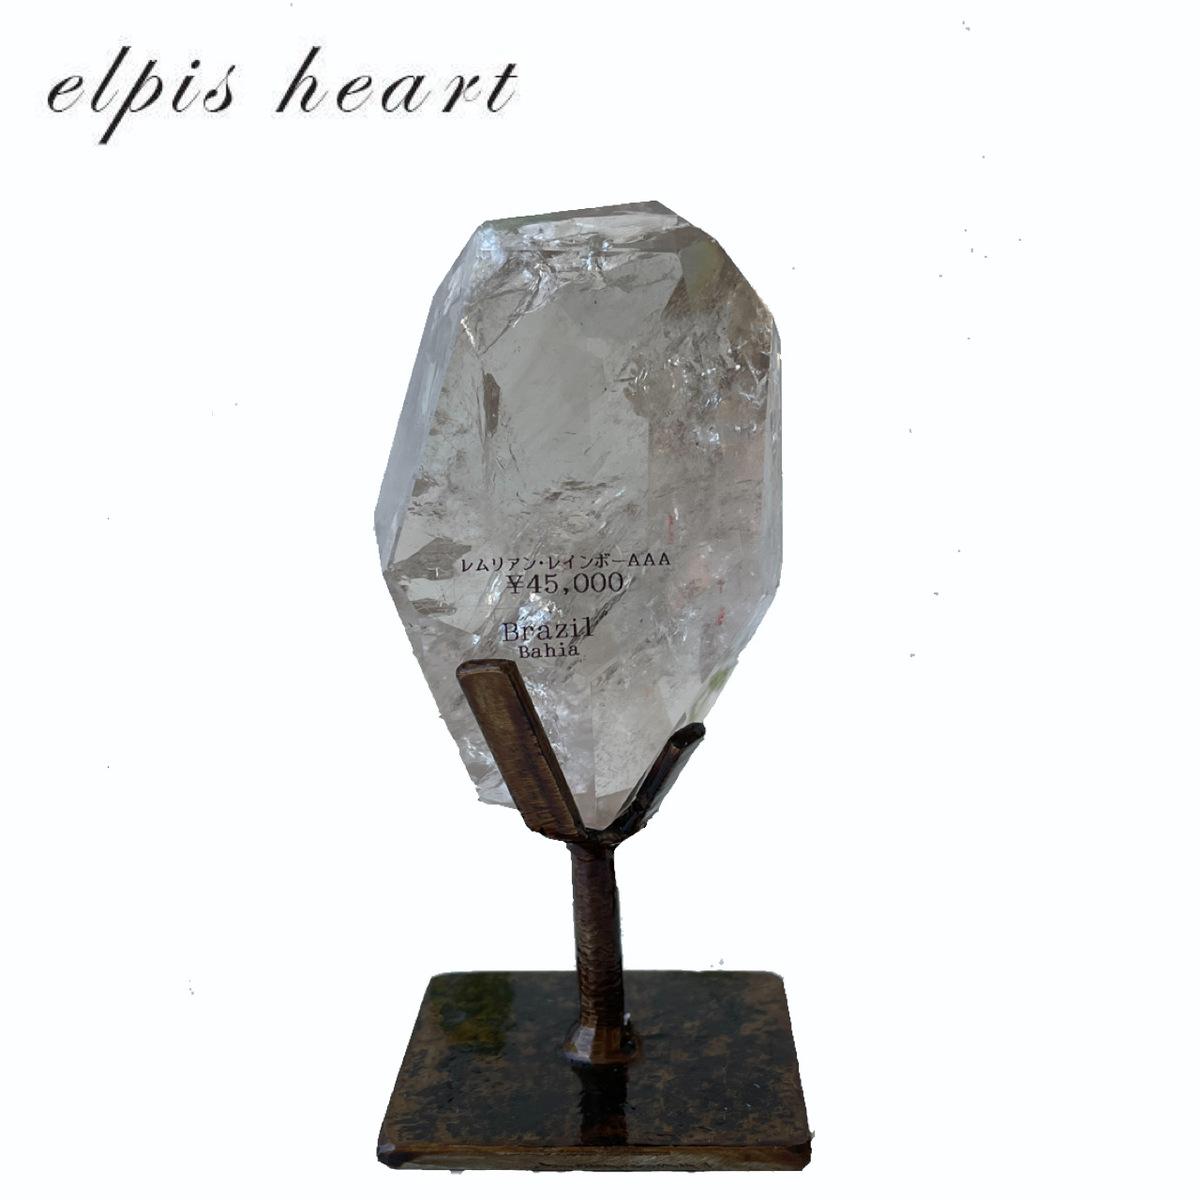 持ち主があらわれると目覚め デポー 大きなエネルギーが開放されるといわれているレムリアン水晶です 豪華な 最高品質☆ レムリアン水晶☆レインボー入り☆ブラジル産